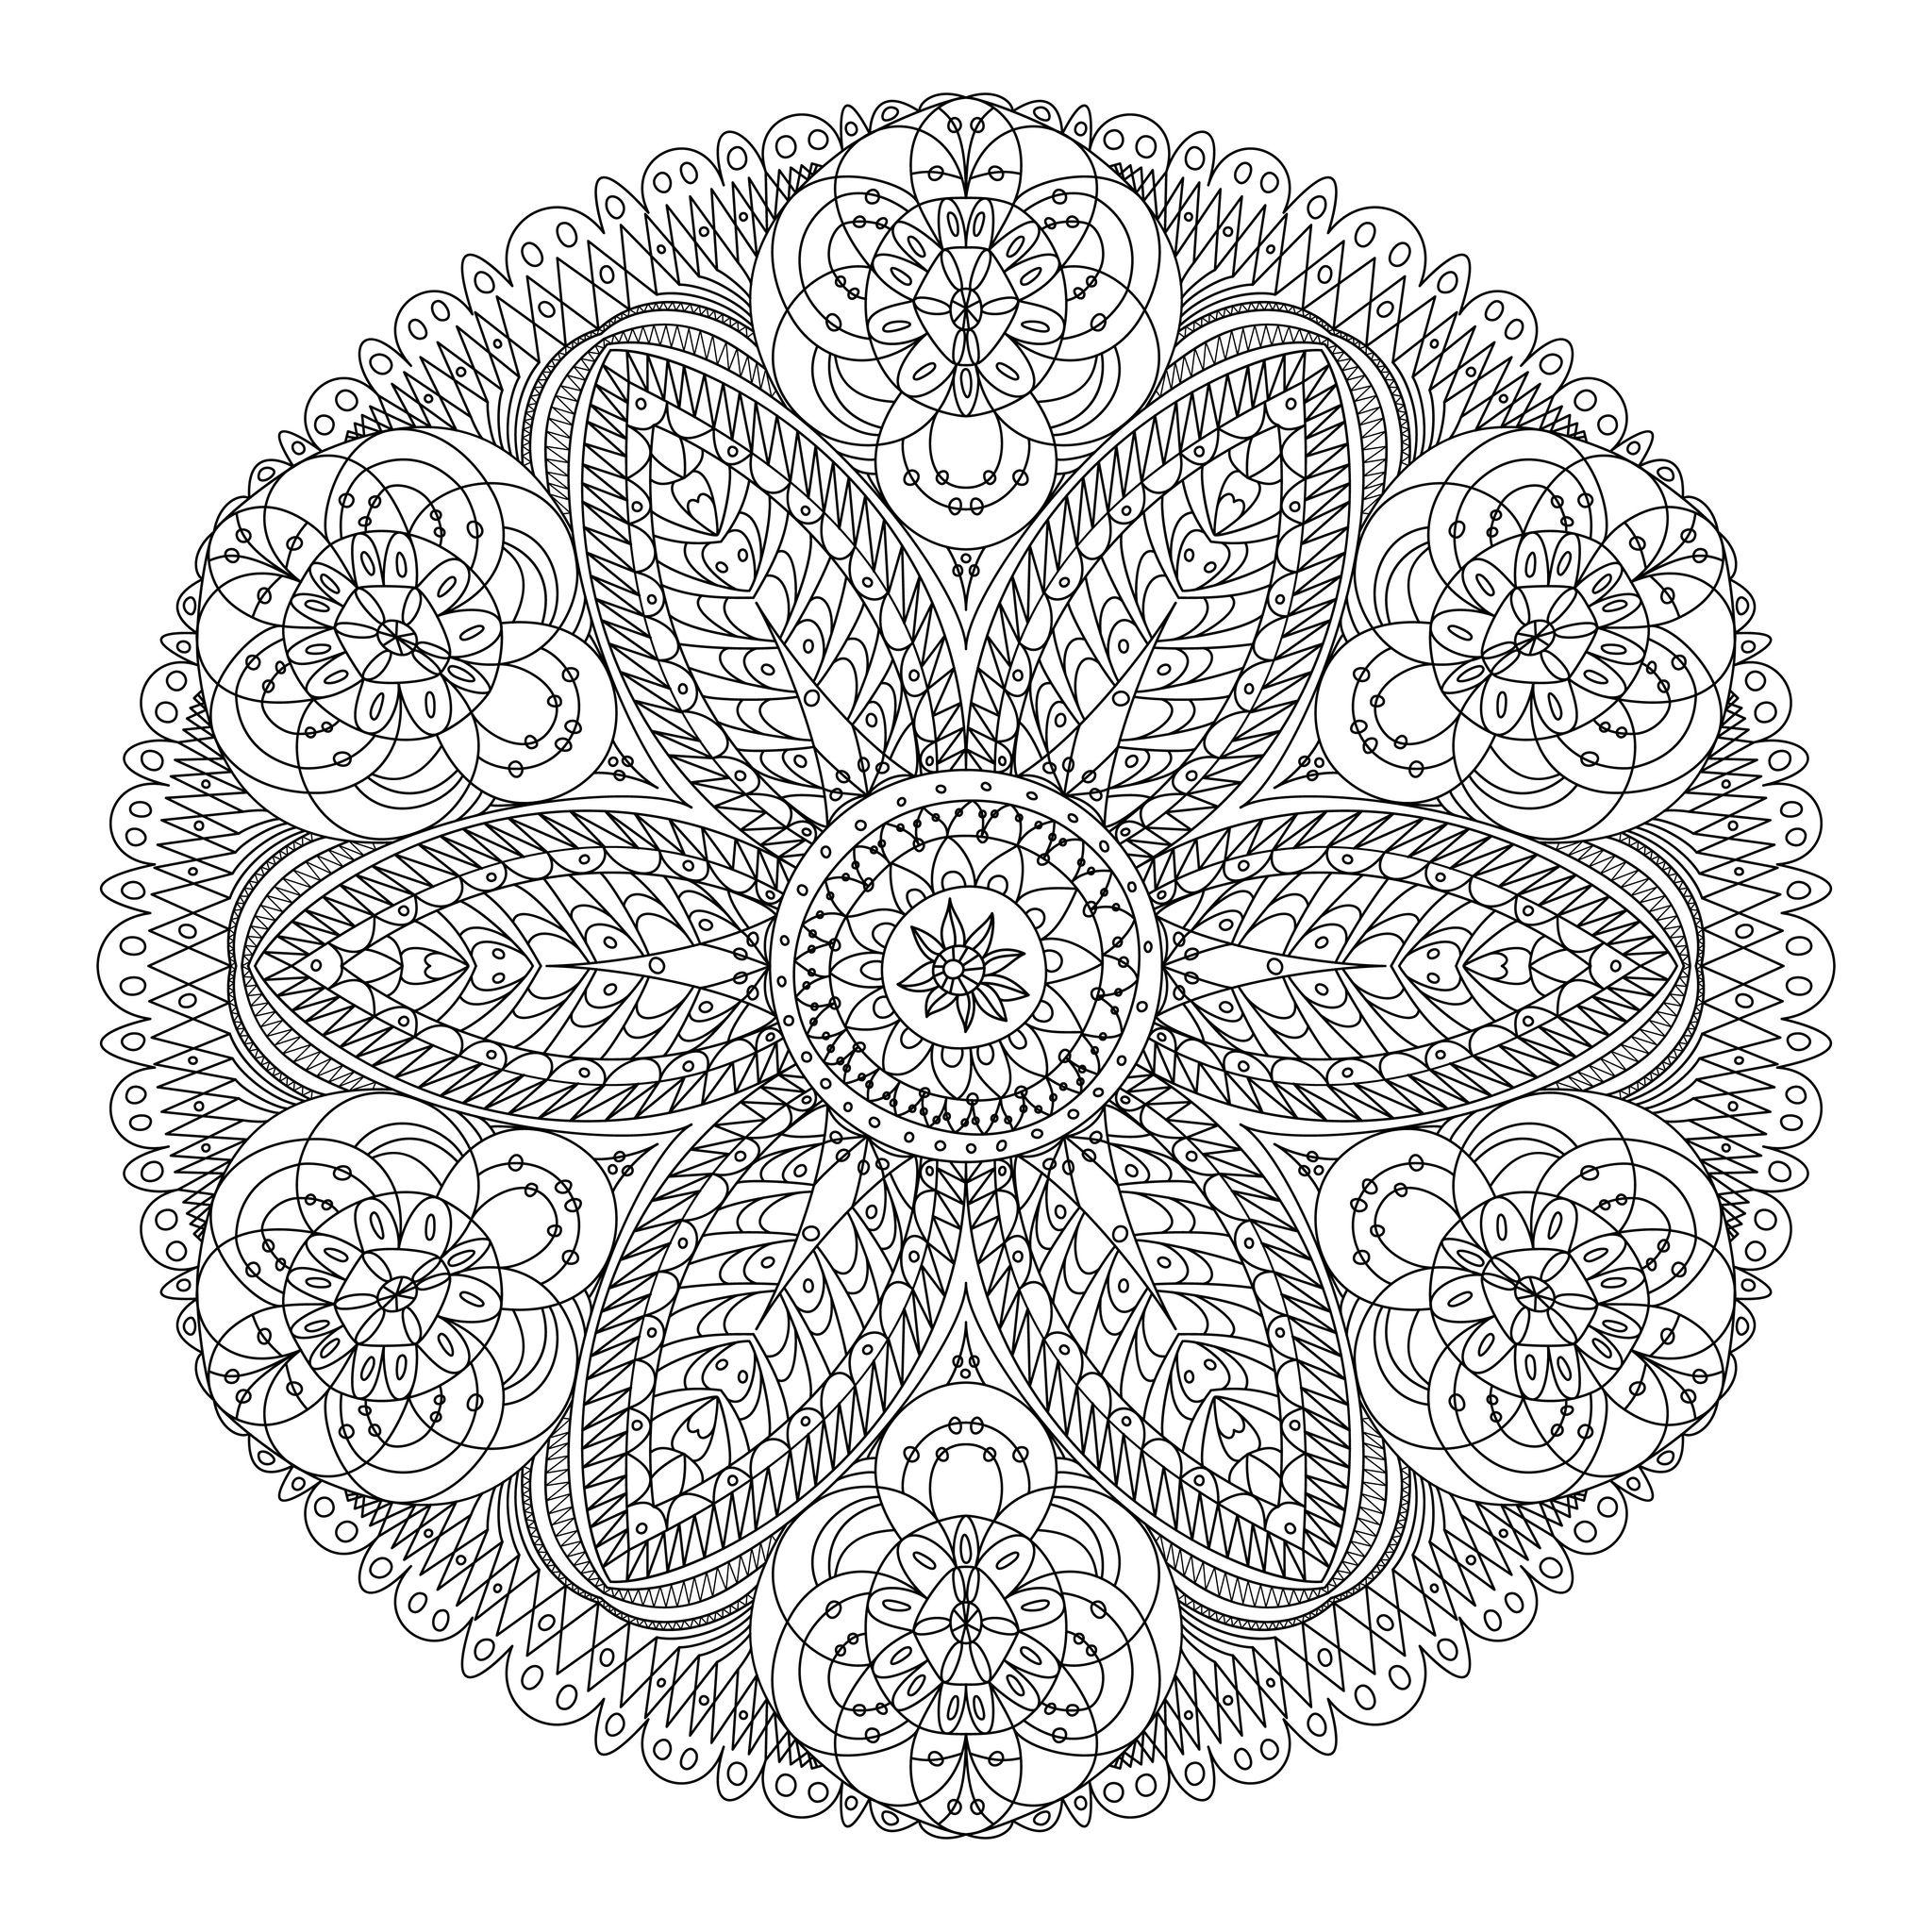 Coloriage204: Coloriage Mandala Adulte pour Coloriages Pour Adultes